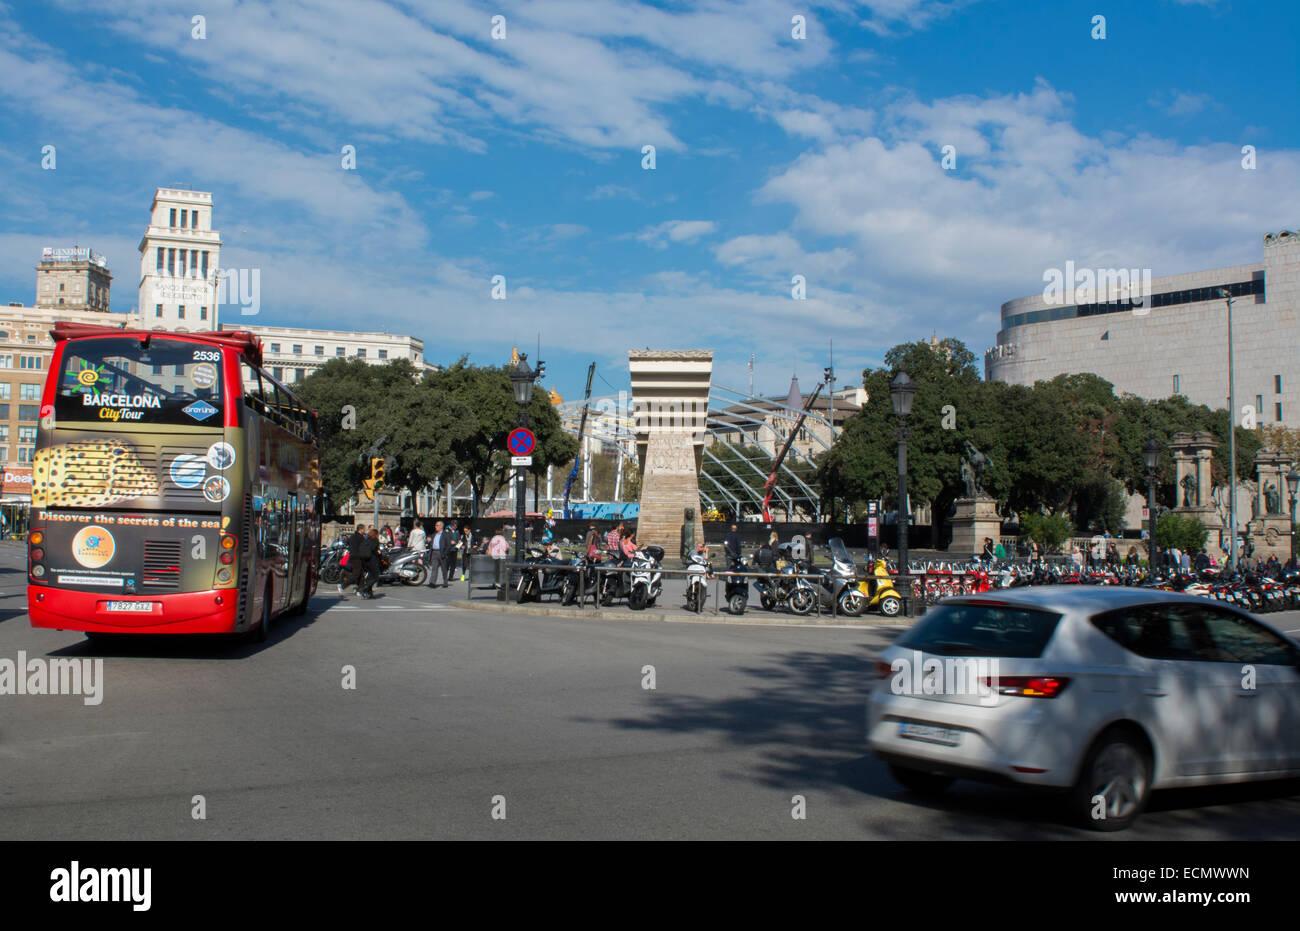 Barcelona-Spanien-Verkehr im Kreis in Innenstadt entfernt Stockbild